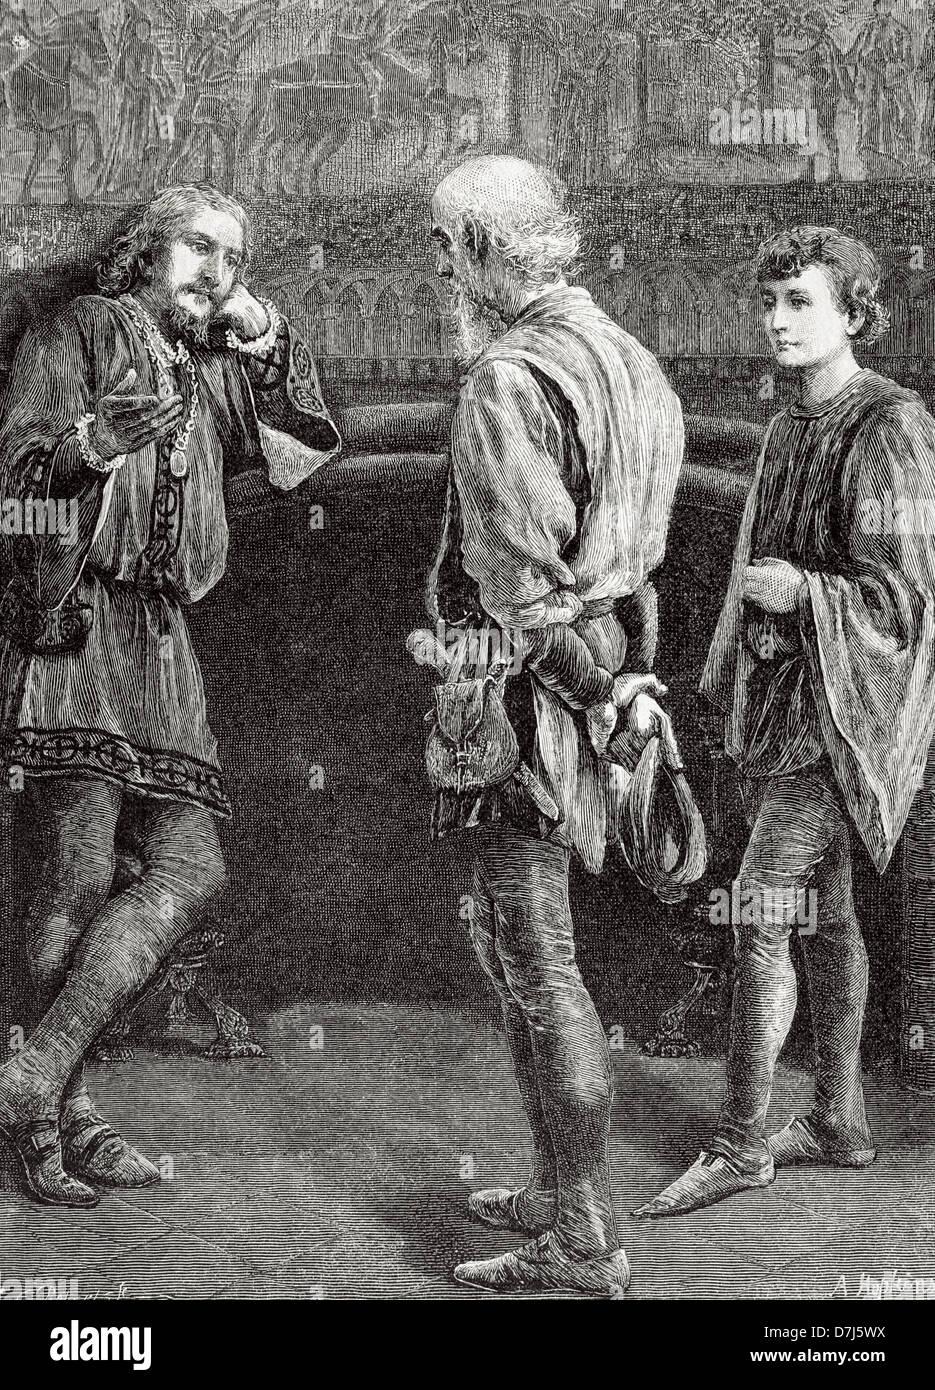 William Shakespeare (1564-1616). Escritor inglés. Hamlet y los cómicos. Acto II, escena II. Grabado. Foto de stock